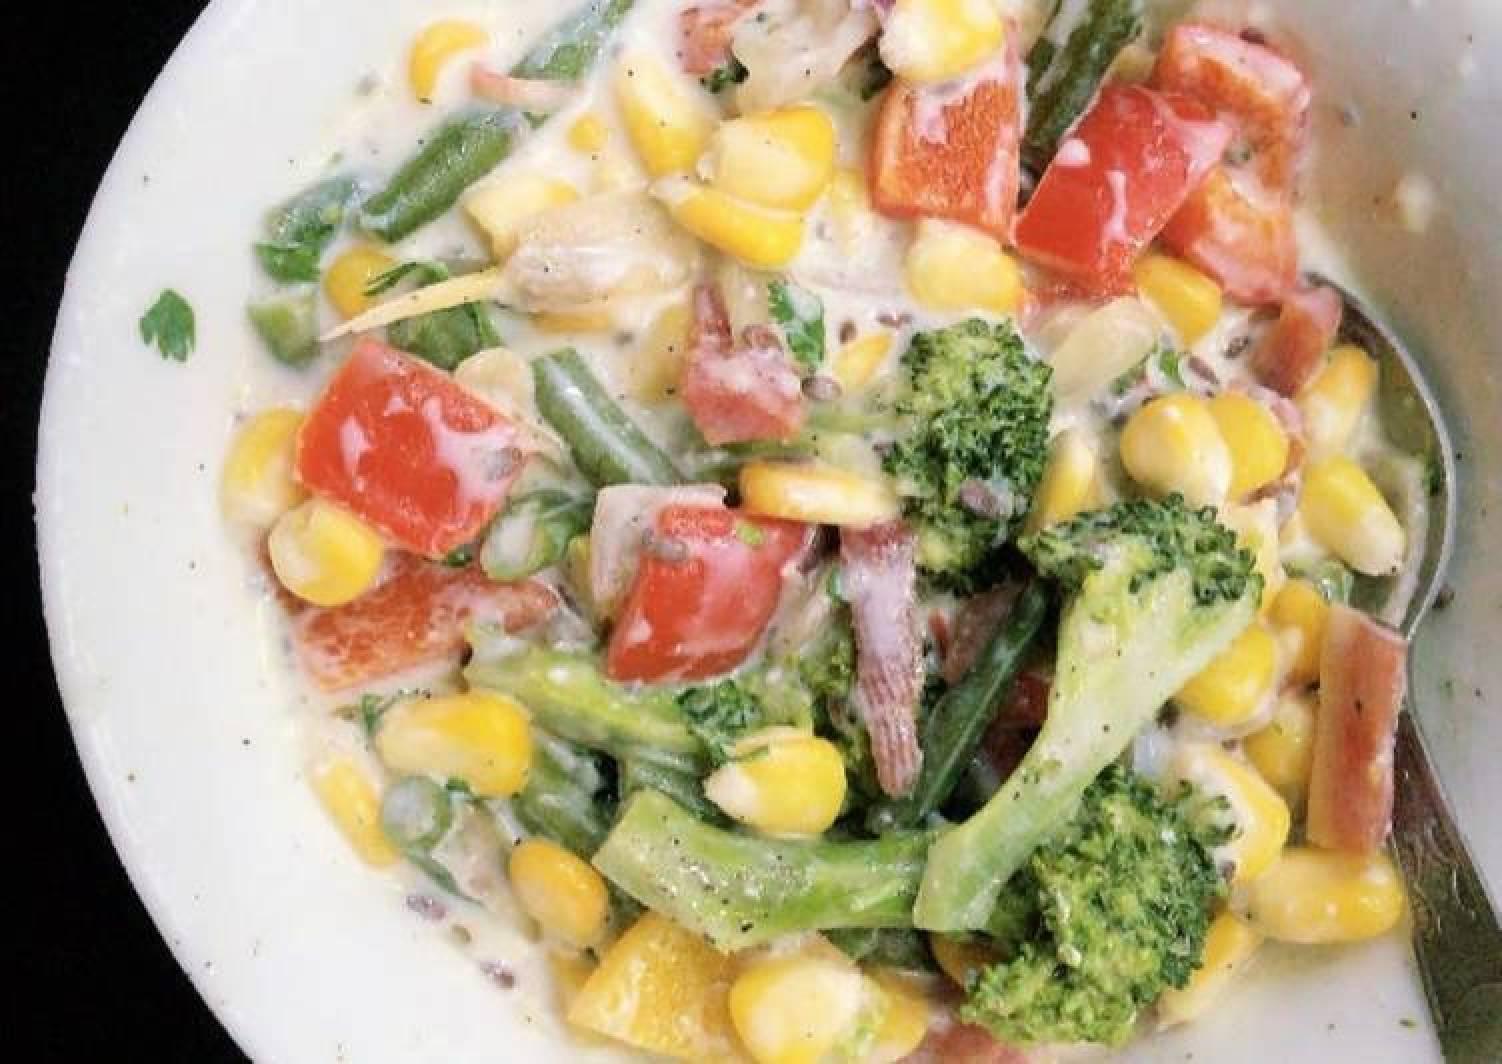 Curd Cheese veggies salad